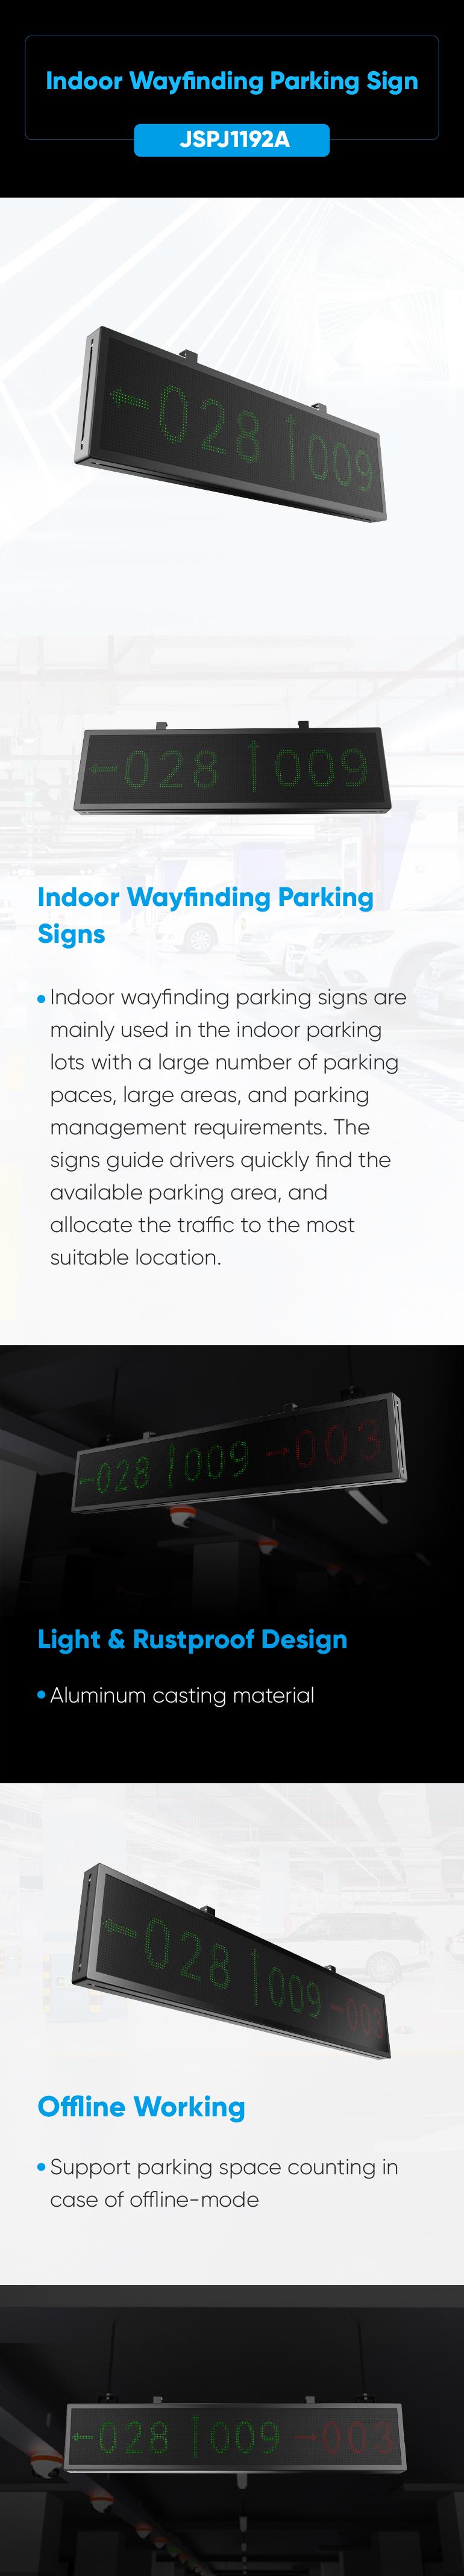 Indoor-wayfinding-parking-signs-00.jpg